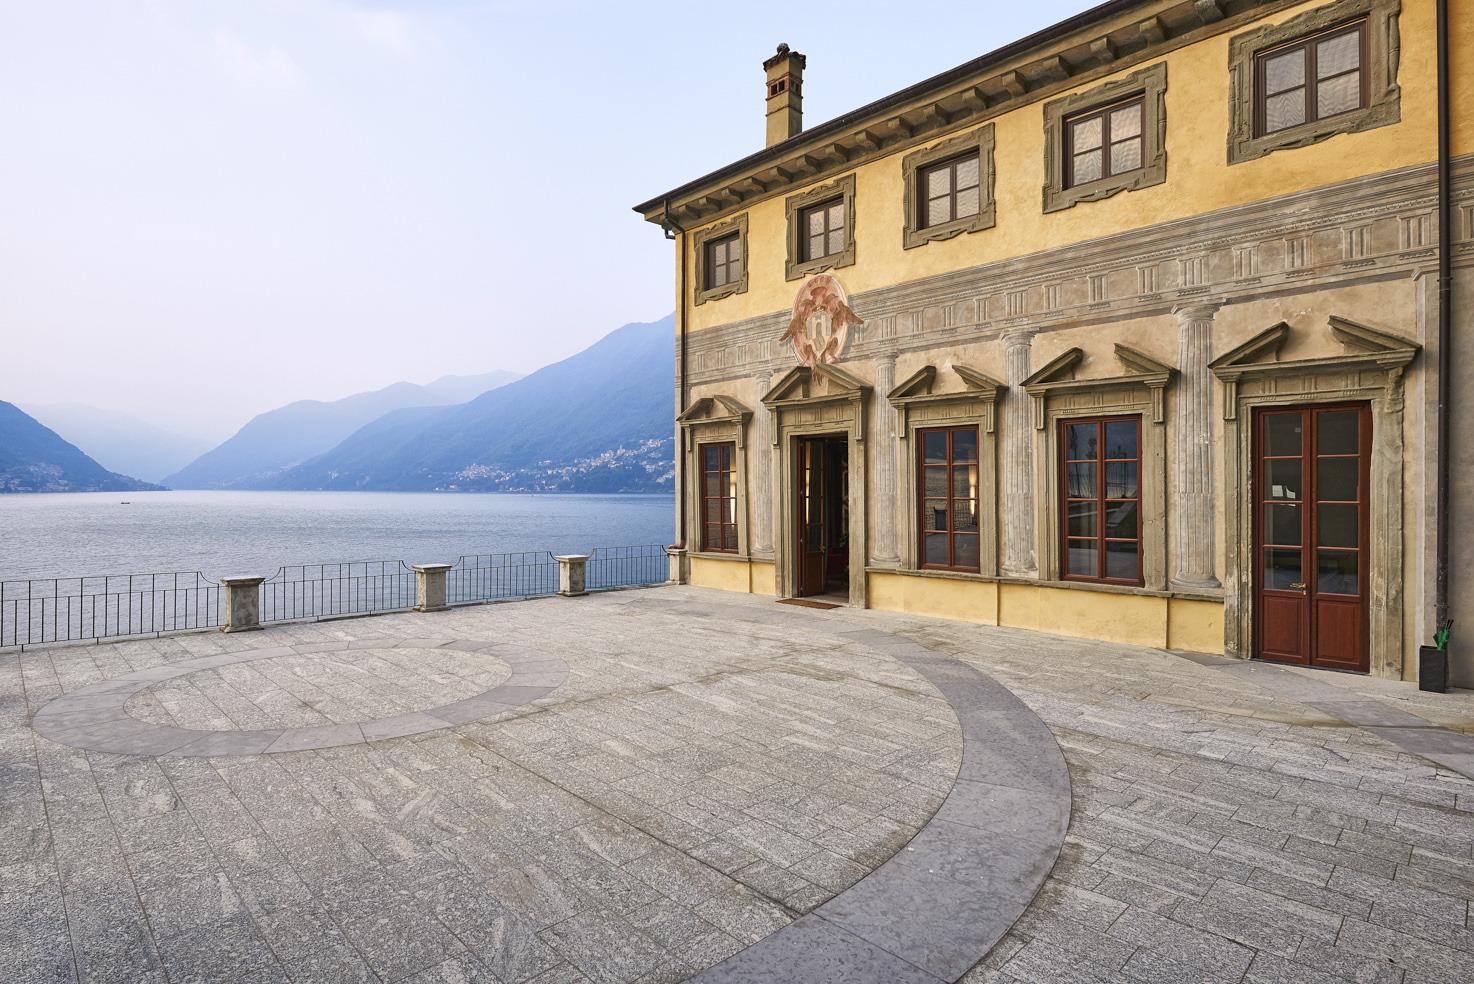 Façade of Villa Pliniana on Lake Como